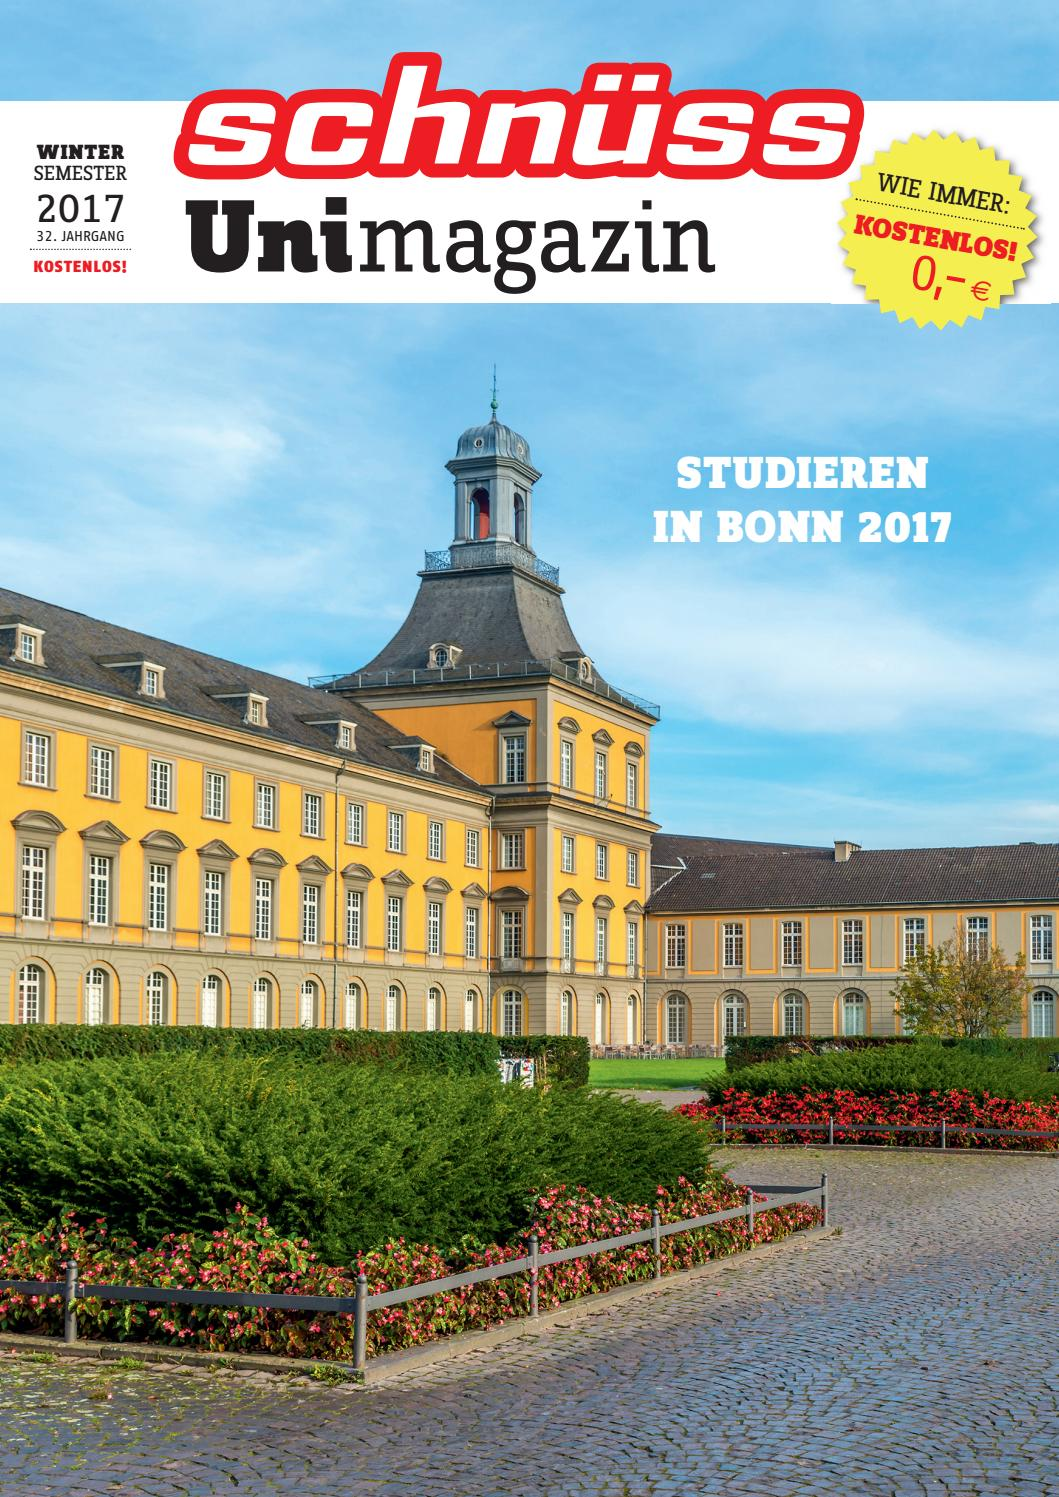 Schnüss UniMagazin 2017 Winter Semester by Schnüss - Das Bonner ...